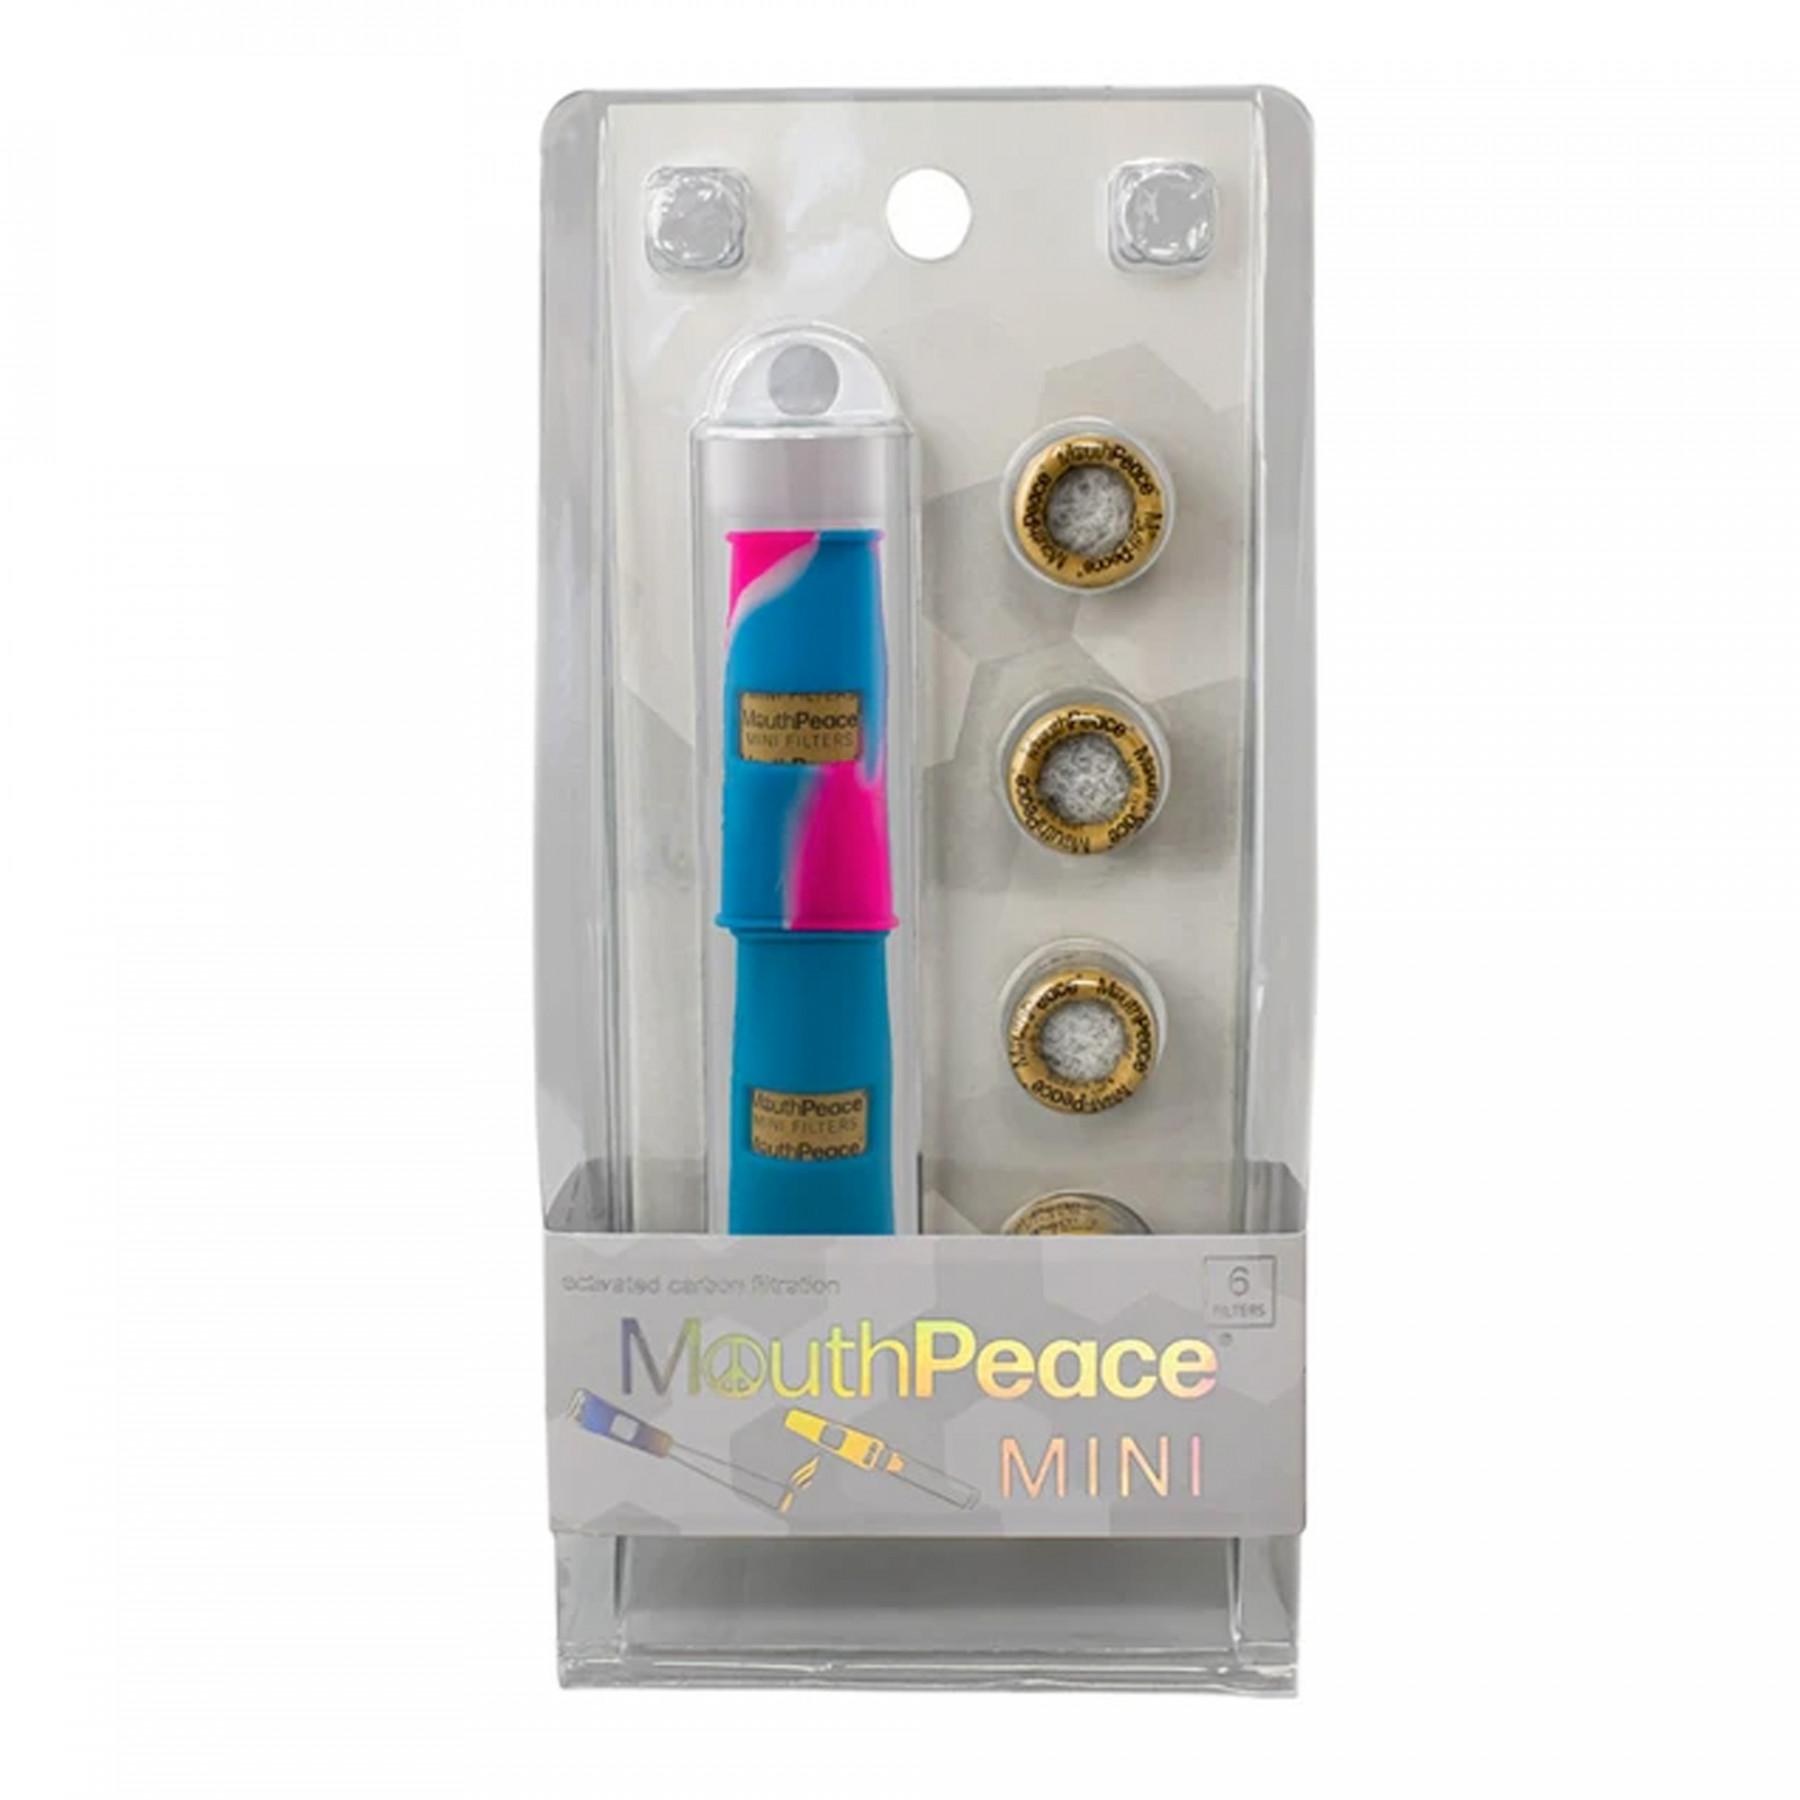 MouthPeace Mini Starter Kit